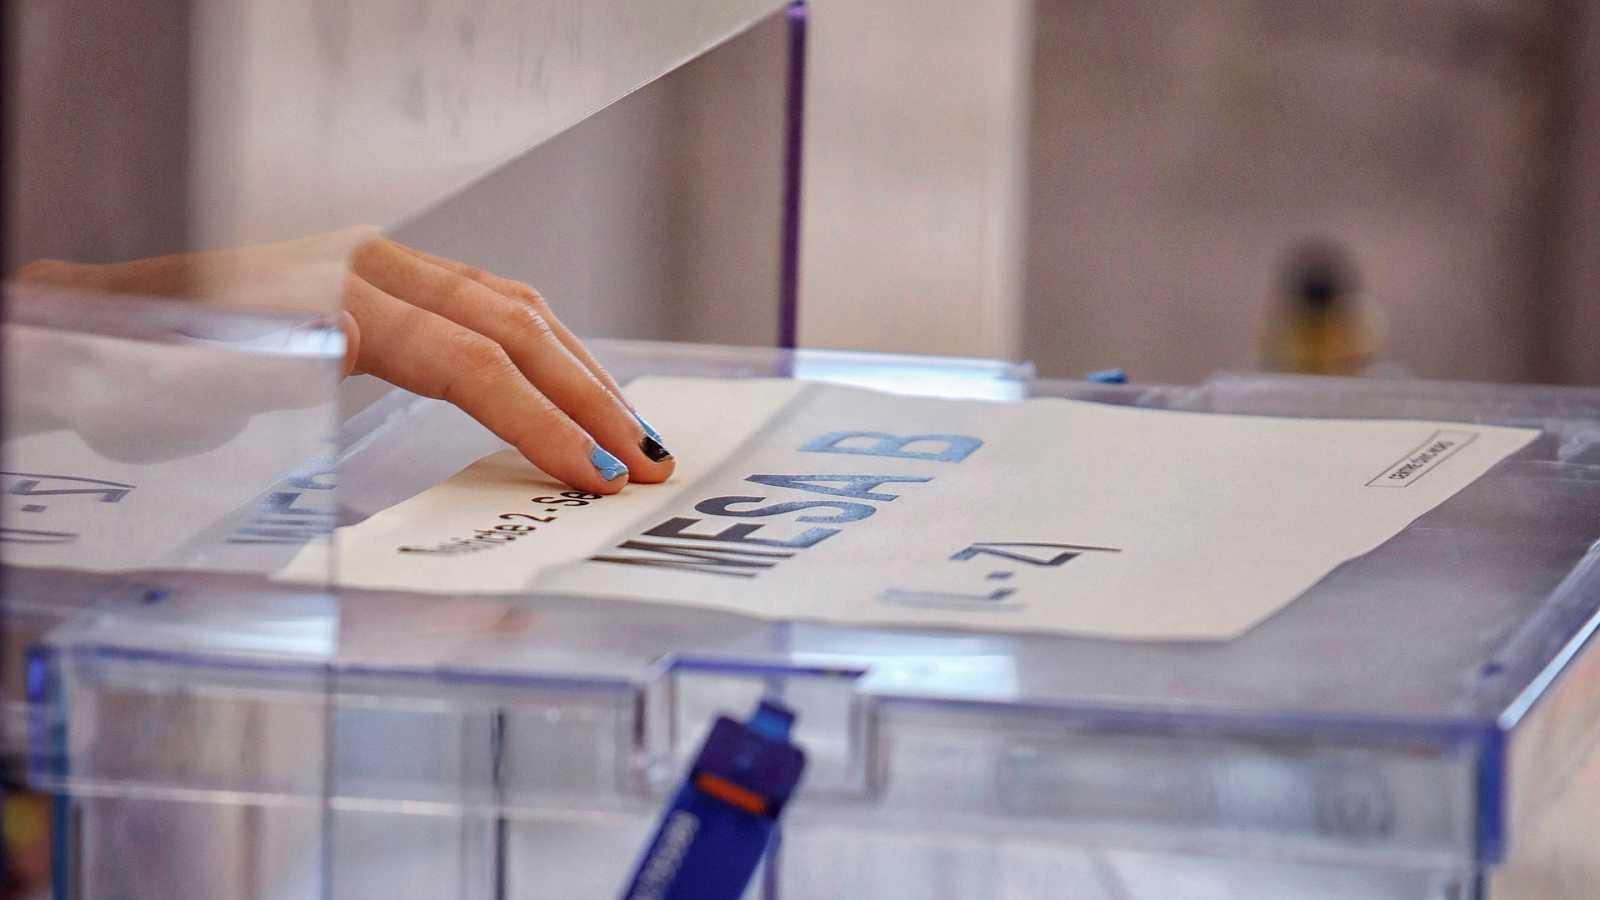 14 horas Fin de Semana - Elecciones en Cataluña: Los candidatos trasladan su confianza en las medidas de seguridad para la jornada electoral y llaman a la participación - Escuchar ahora